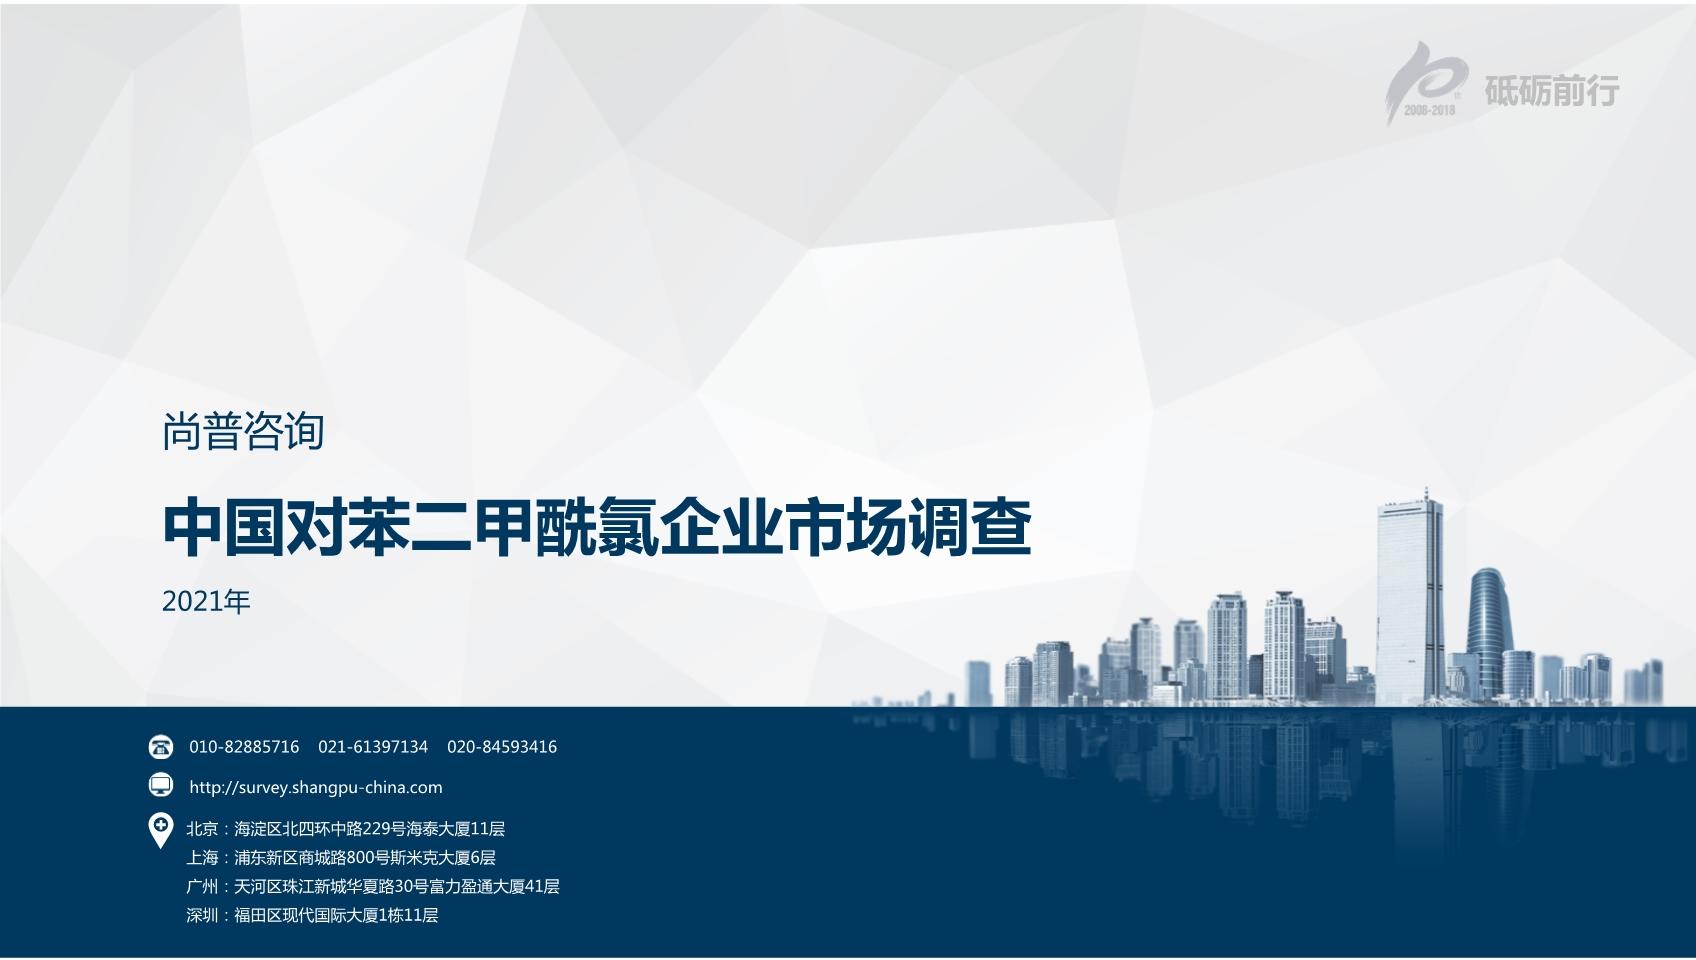 尚普咨询:2020年中国对苯二甲酰氯企业市场调查